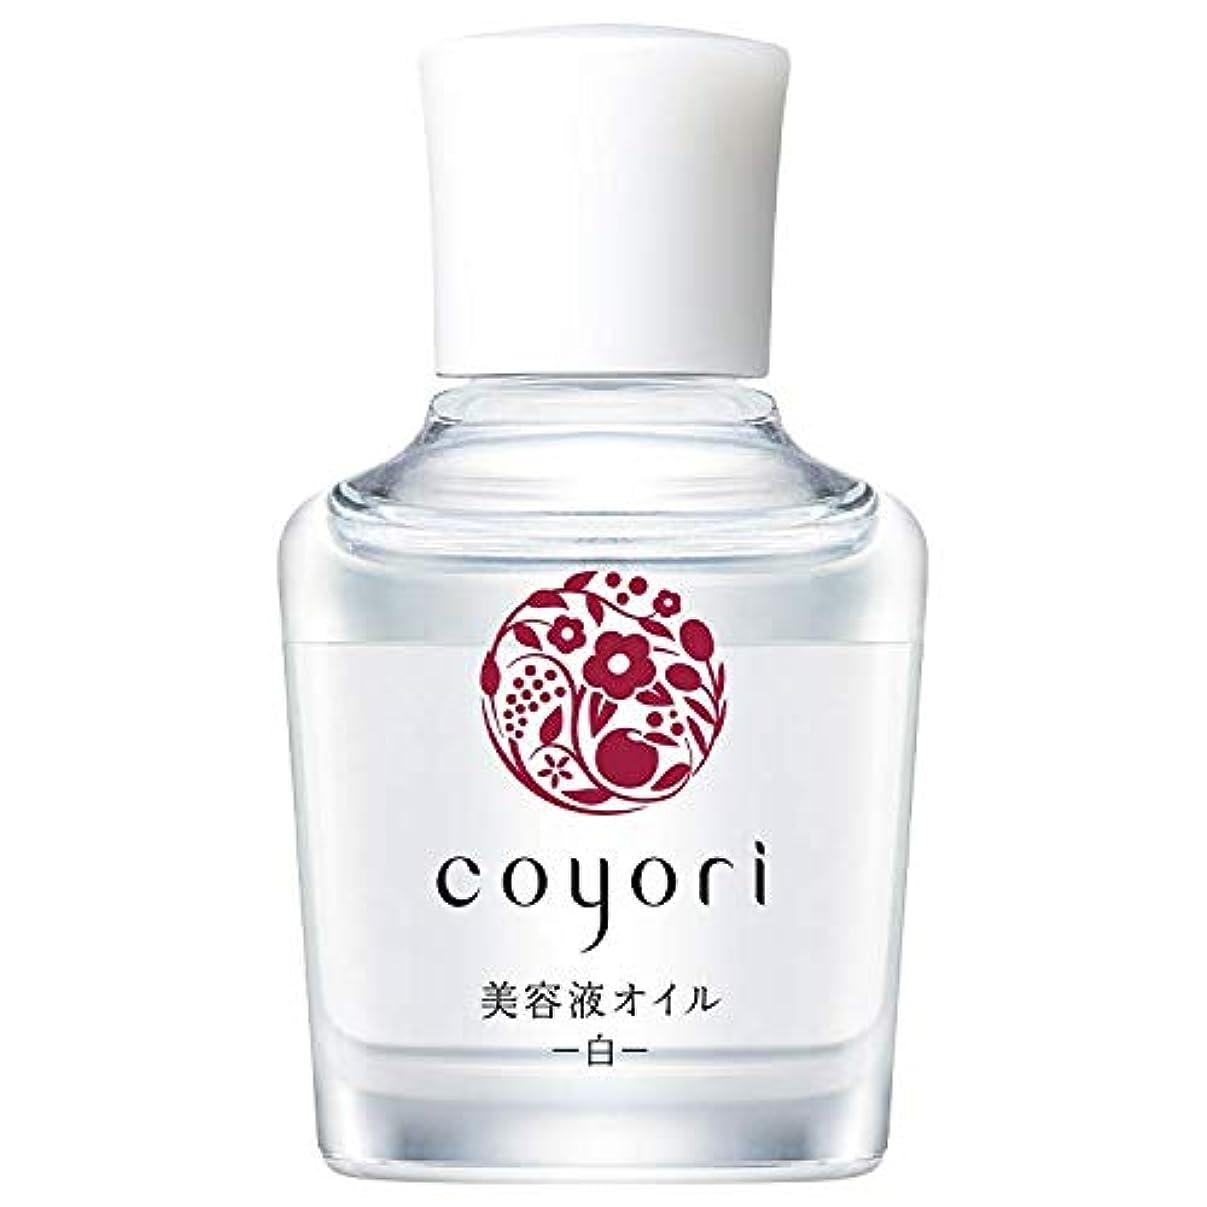 料理アパートアサー[公式] コヨリ 美容液オイル-白- 20mL 無添加[高機能 自然派 エイジングケア 乾燥肌 敏感肌 くすみ 乾燥 小じわ 対策用 もっちり ハリ ツヤ フェイスオイル ]